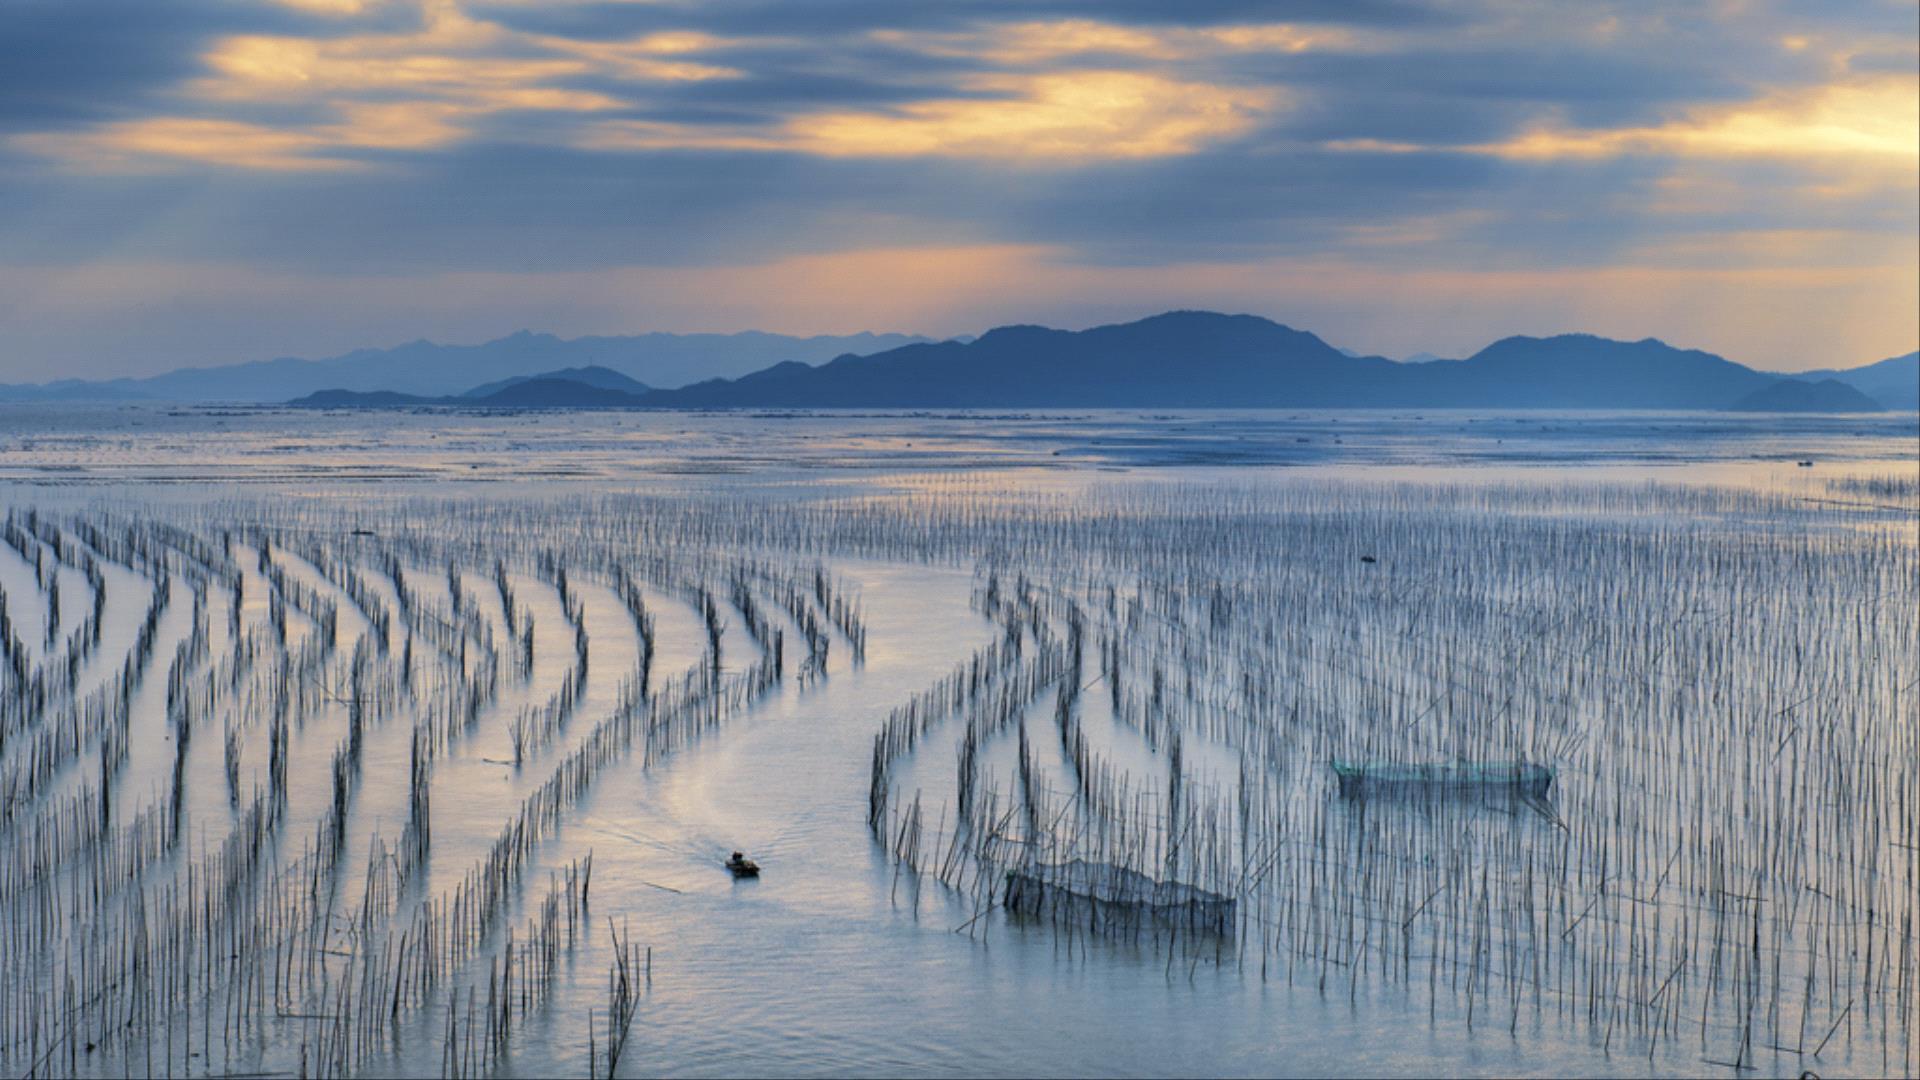 DIPA Merit Award - Jianhua Wang (China)  Fishing Village